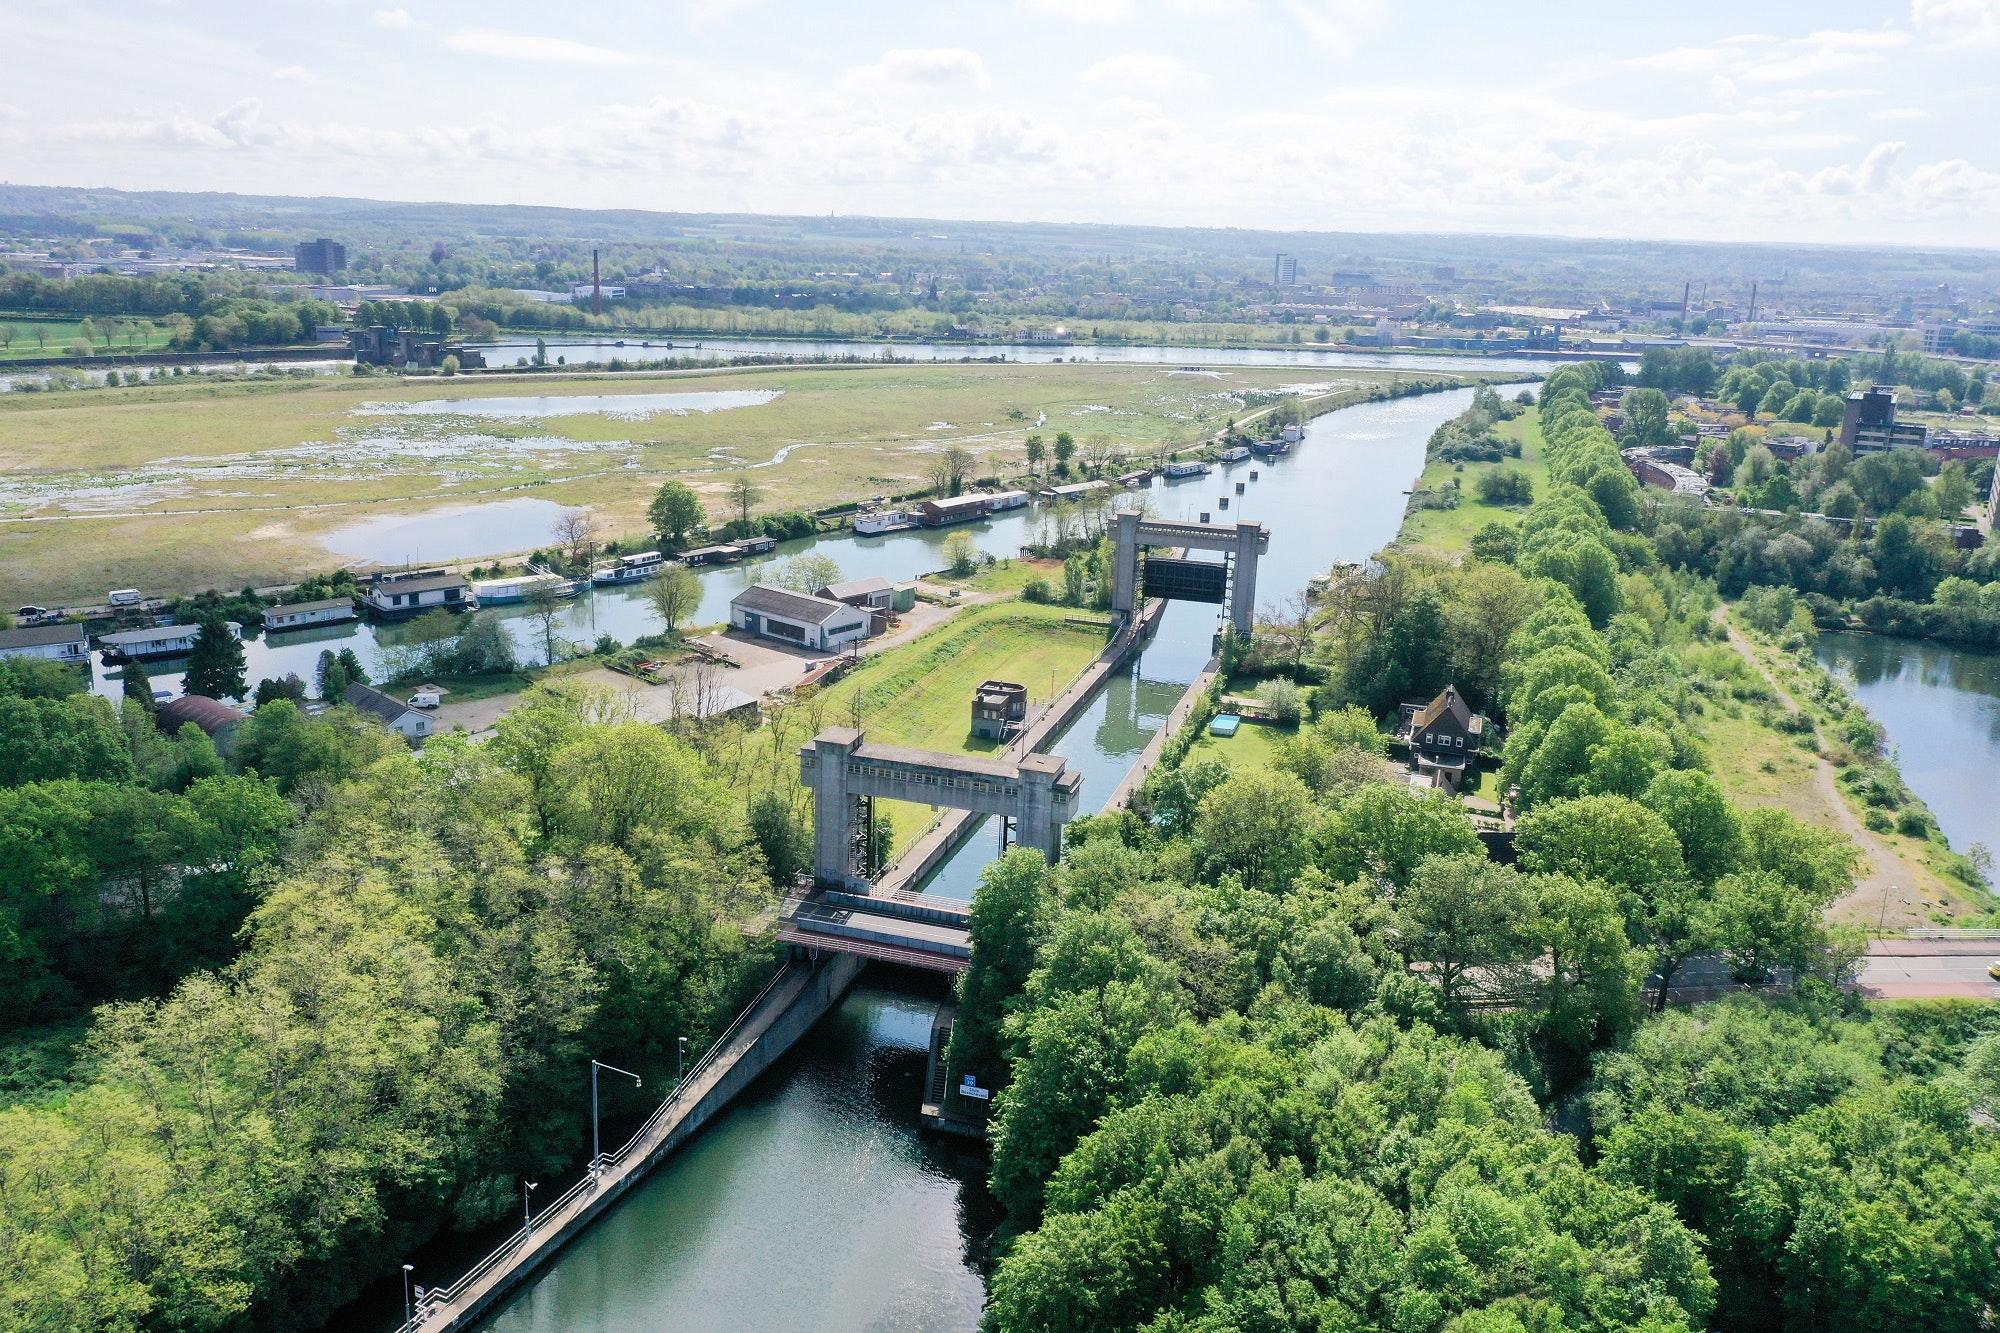 De 91 jaar oude sluis is een Rijksmonument. (Foto Rijkswaterstaat)